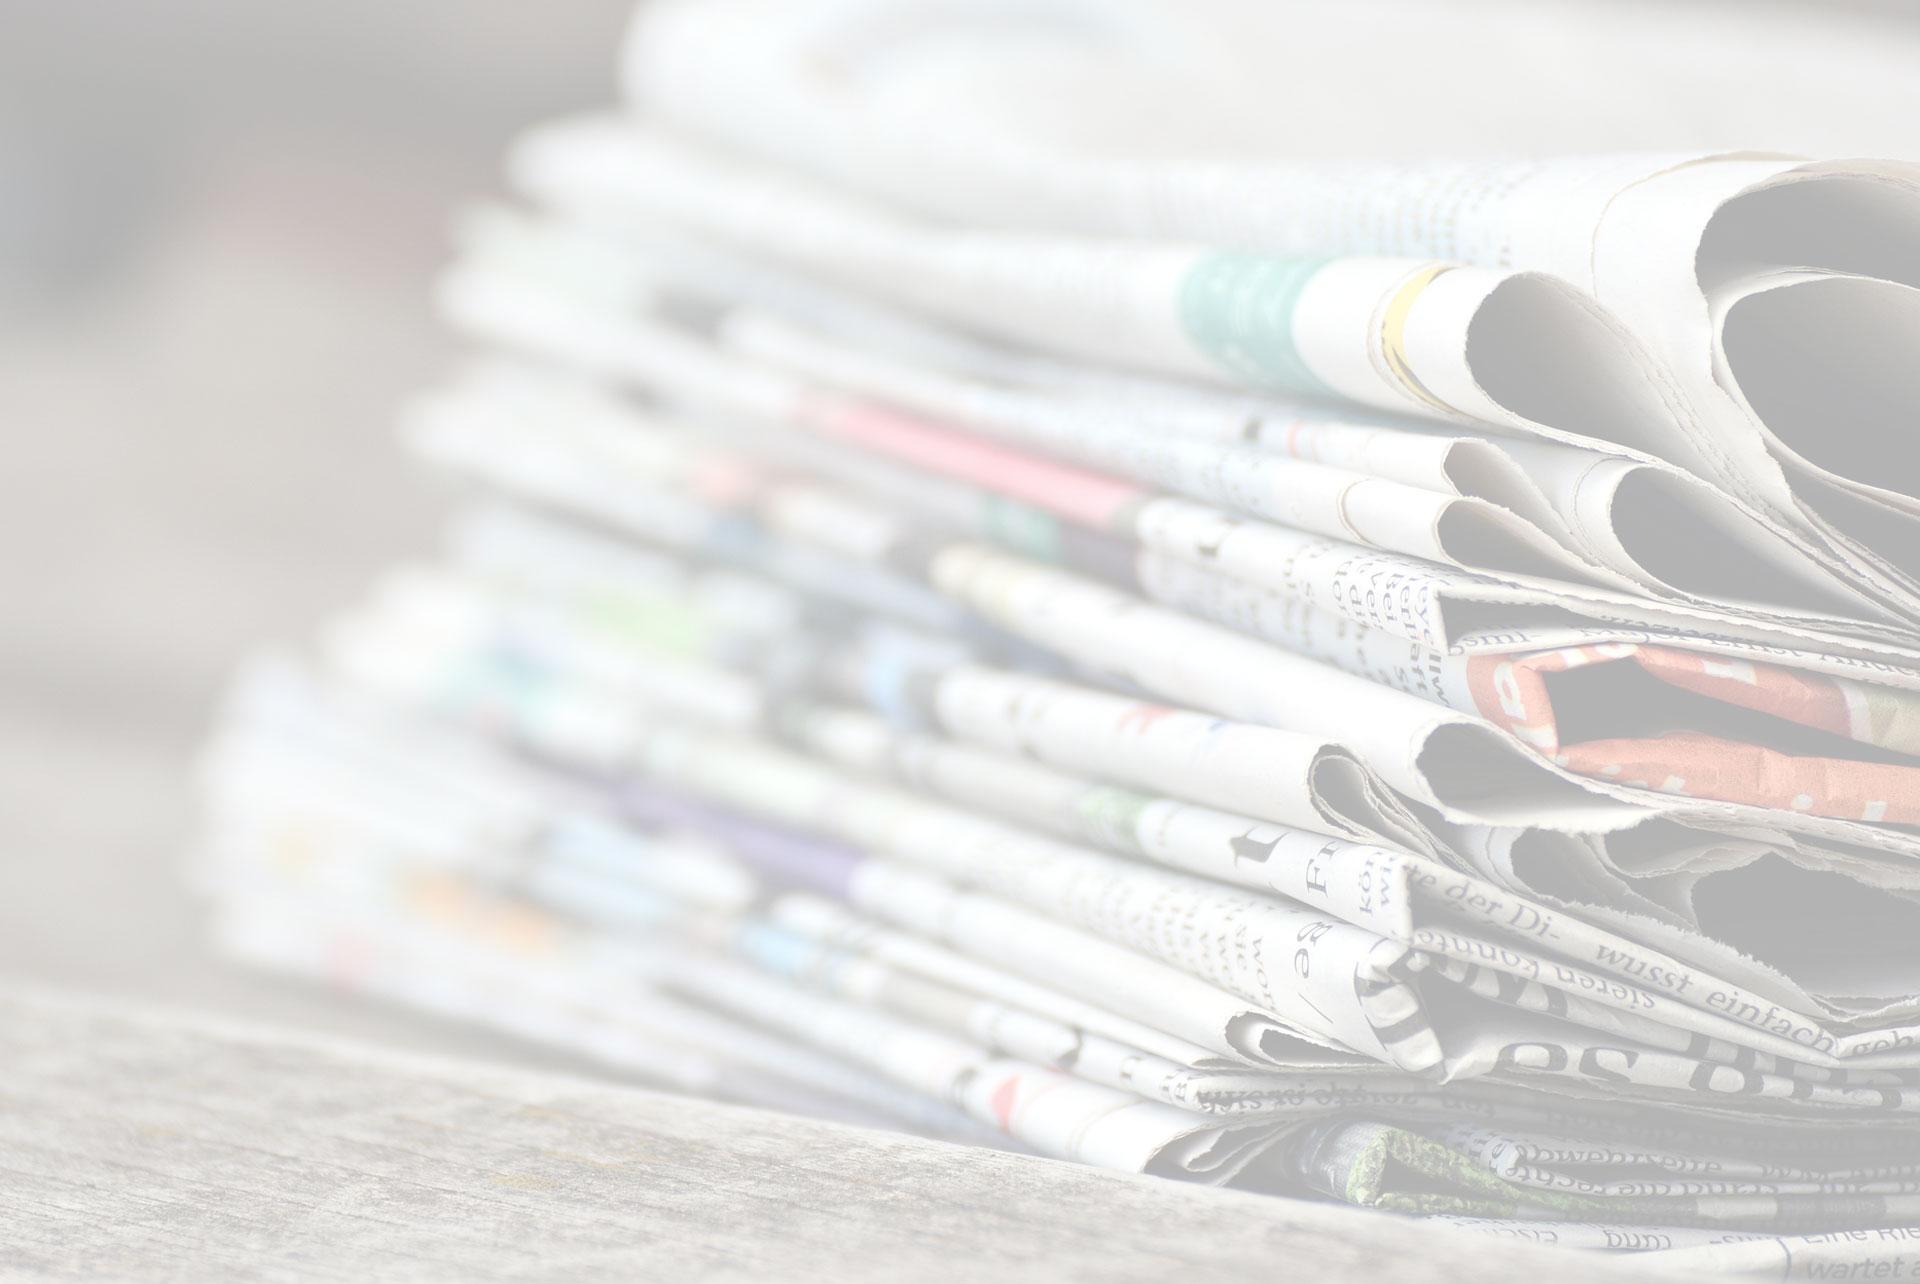 FONDO EUROPEO PER GLI INVESTIMENTI